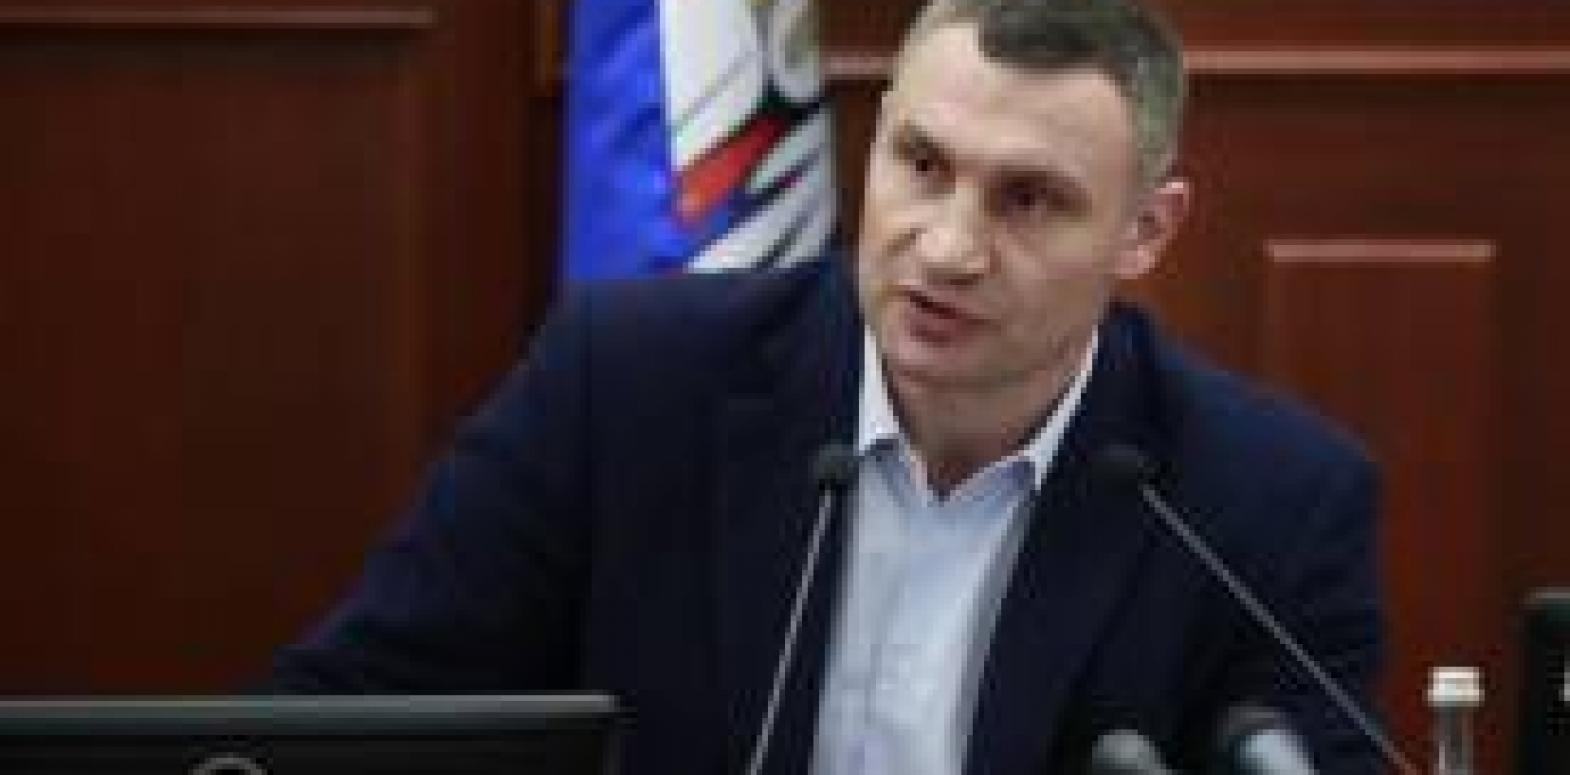 Киев могут закрыть на въезд и выезд, если ситуация ухудшится, - Кличко